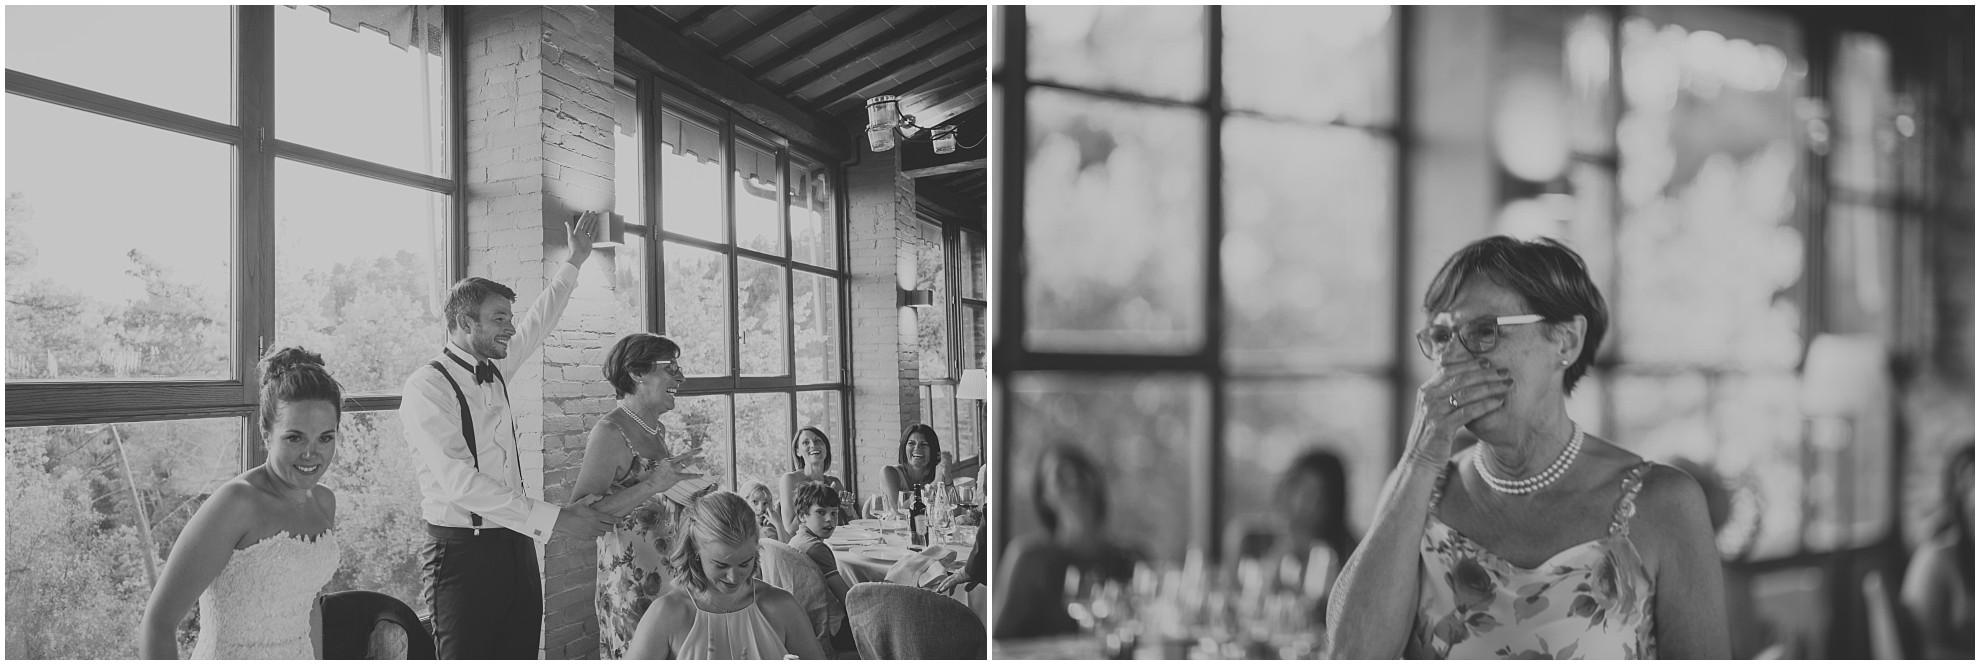 tuscany-wedding-photographer-081